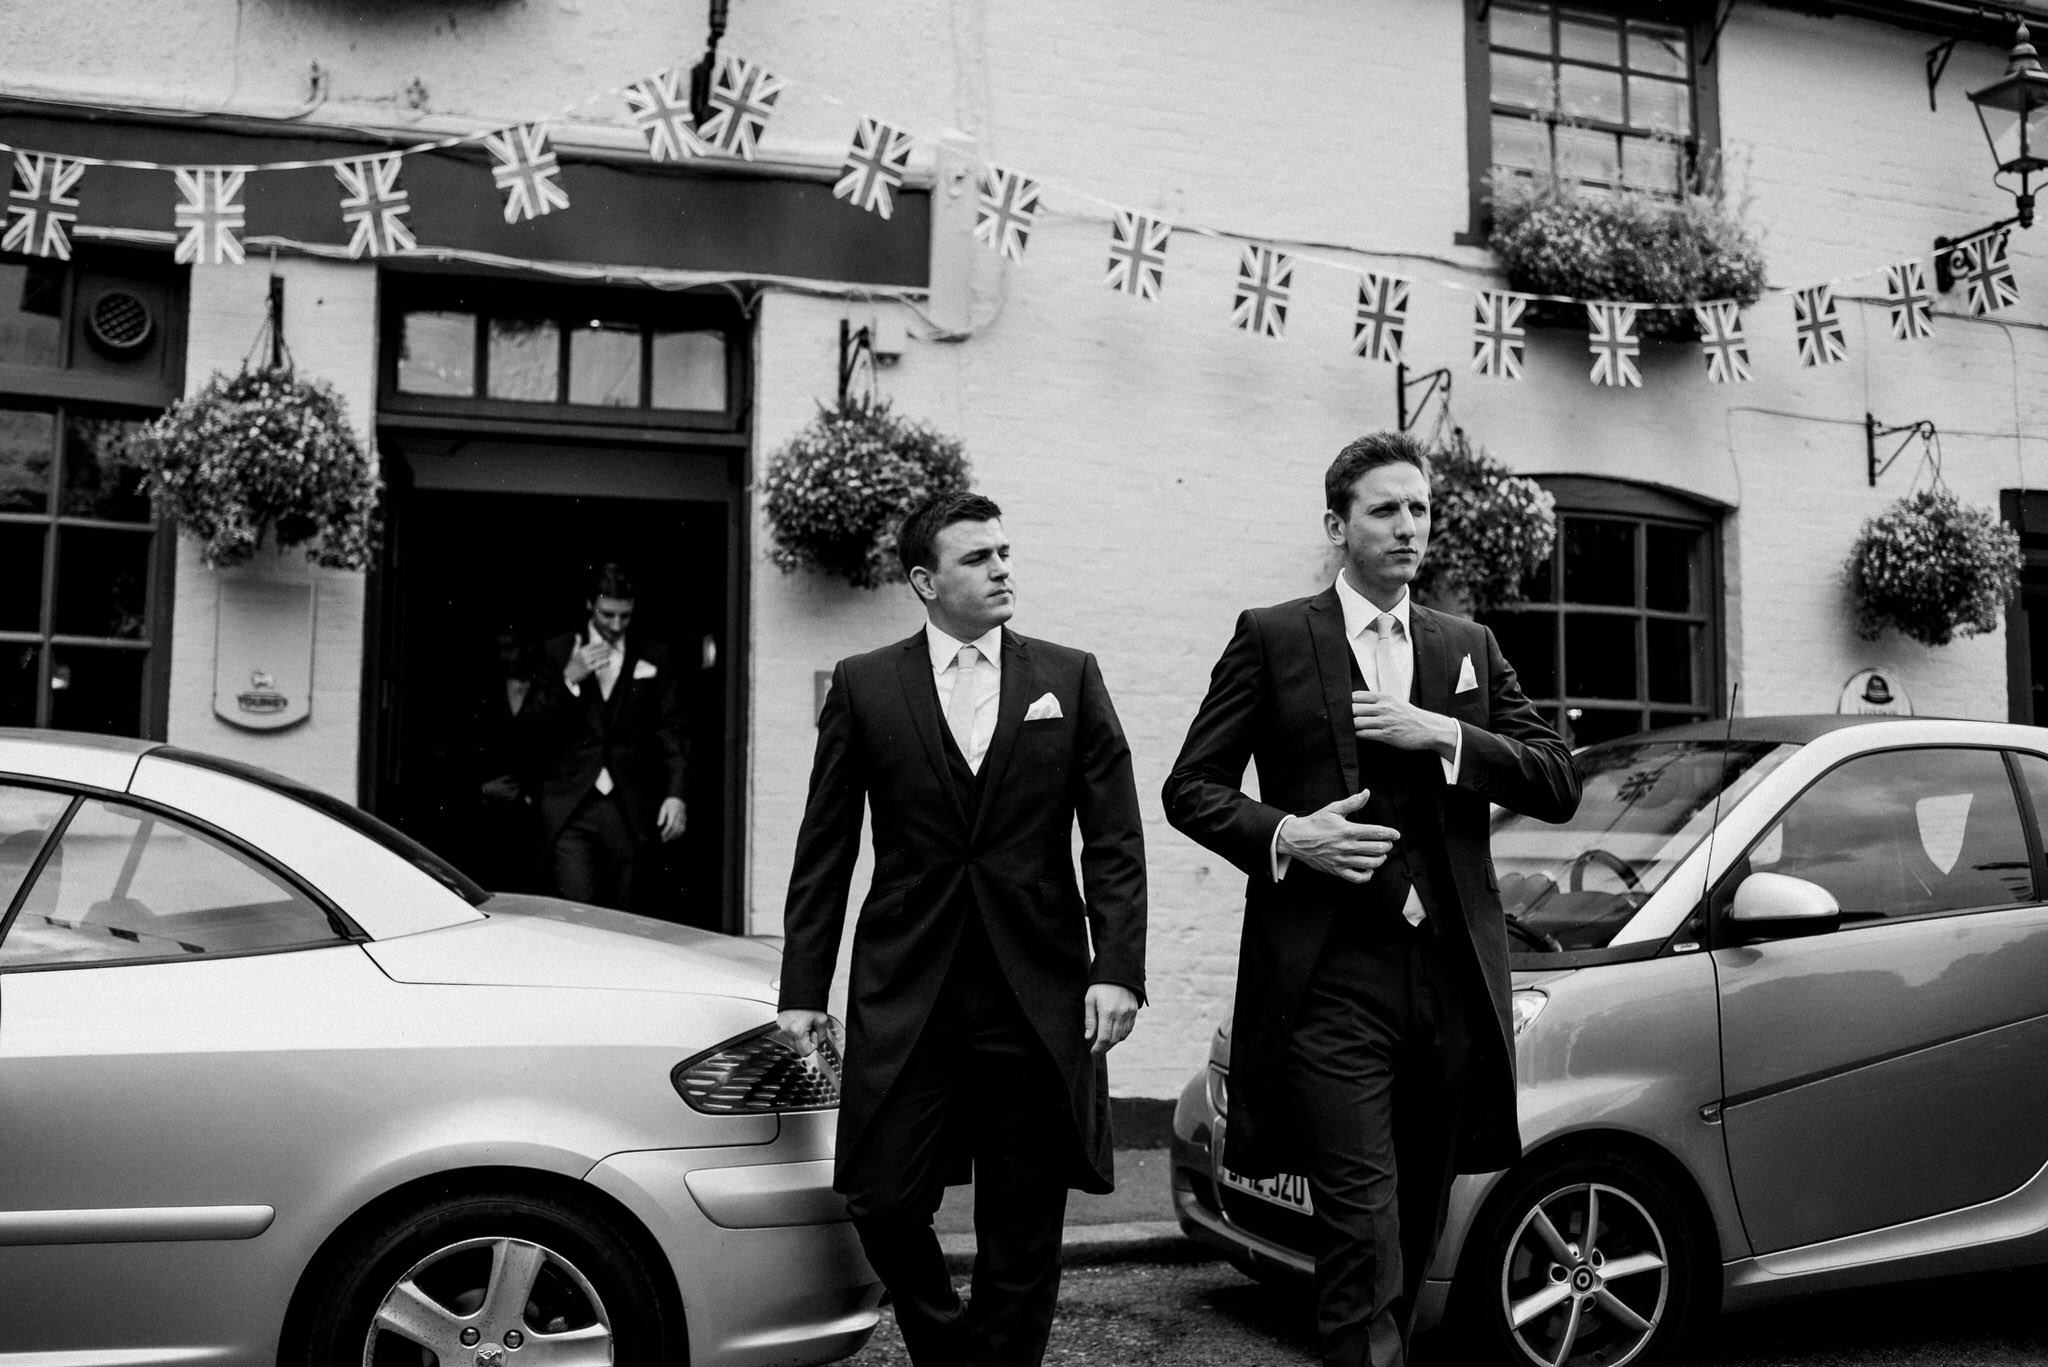 Groom leaves pub on wedding day